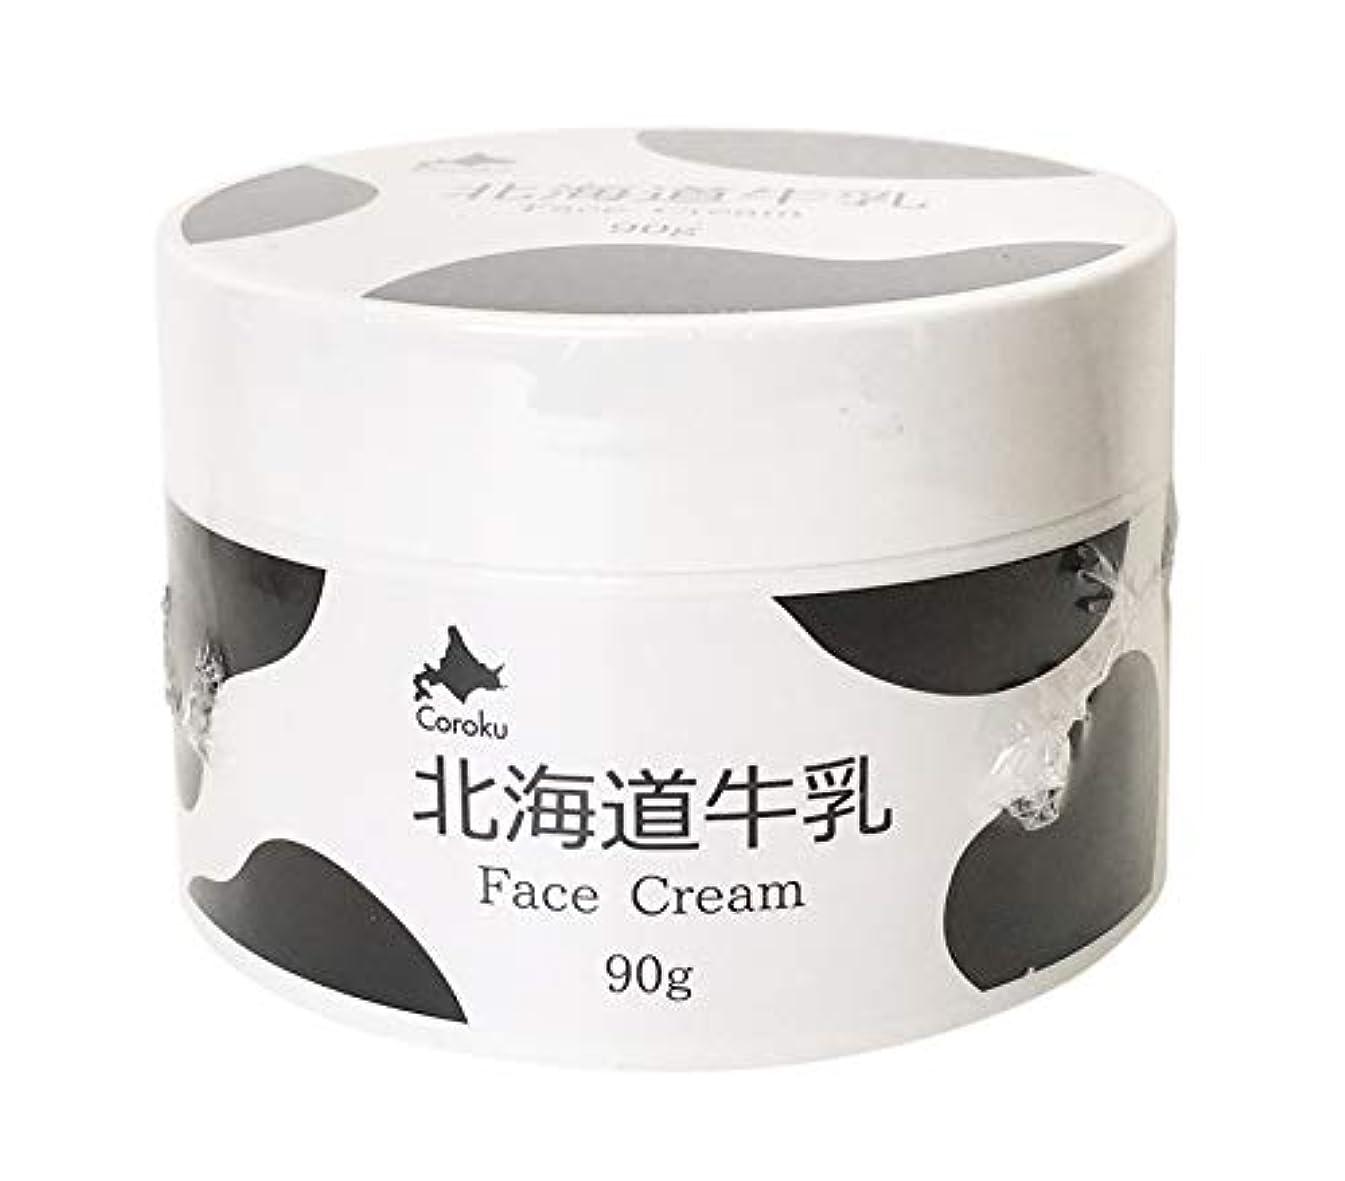 勘違いする集中パワー北海道牛乳 フェイスクリーム FACE CREAM 90g